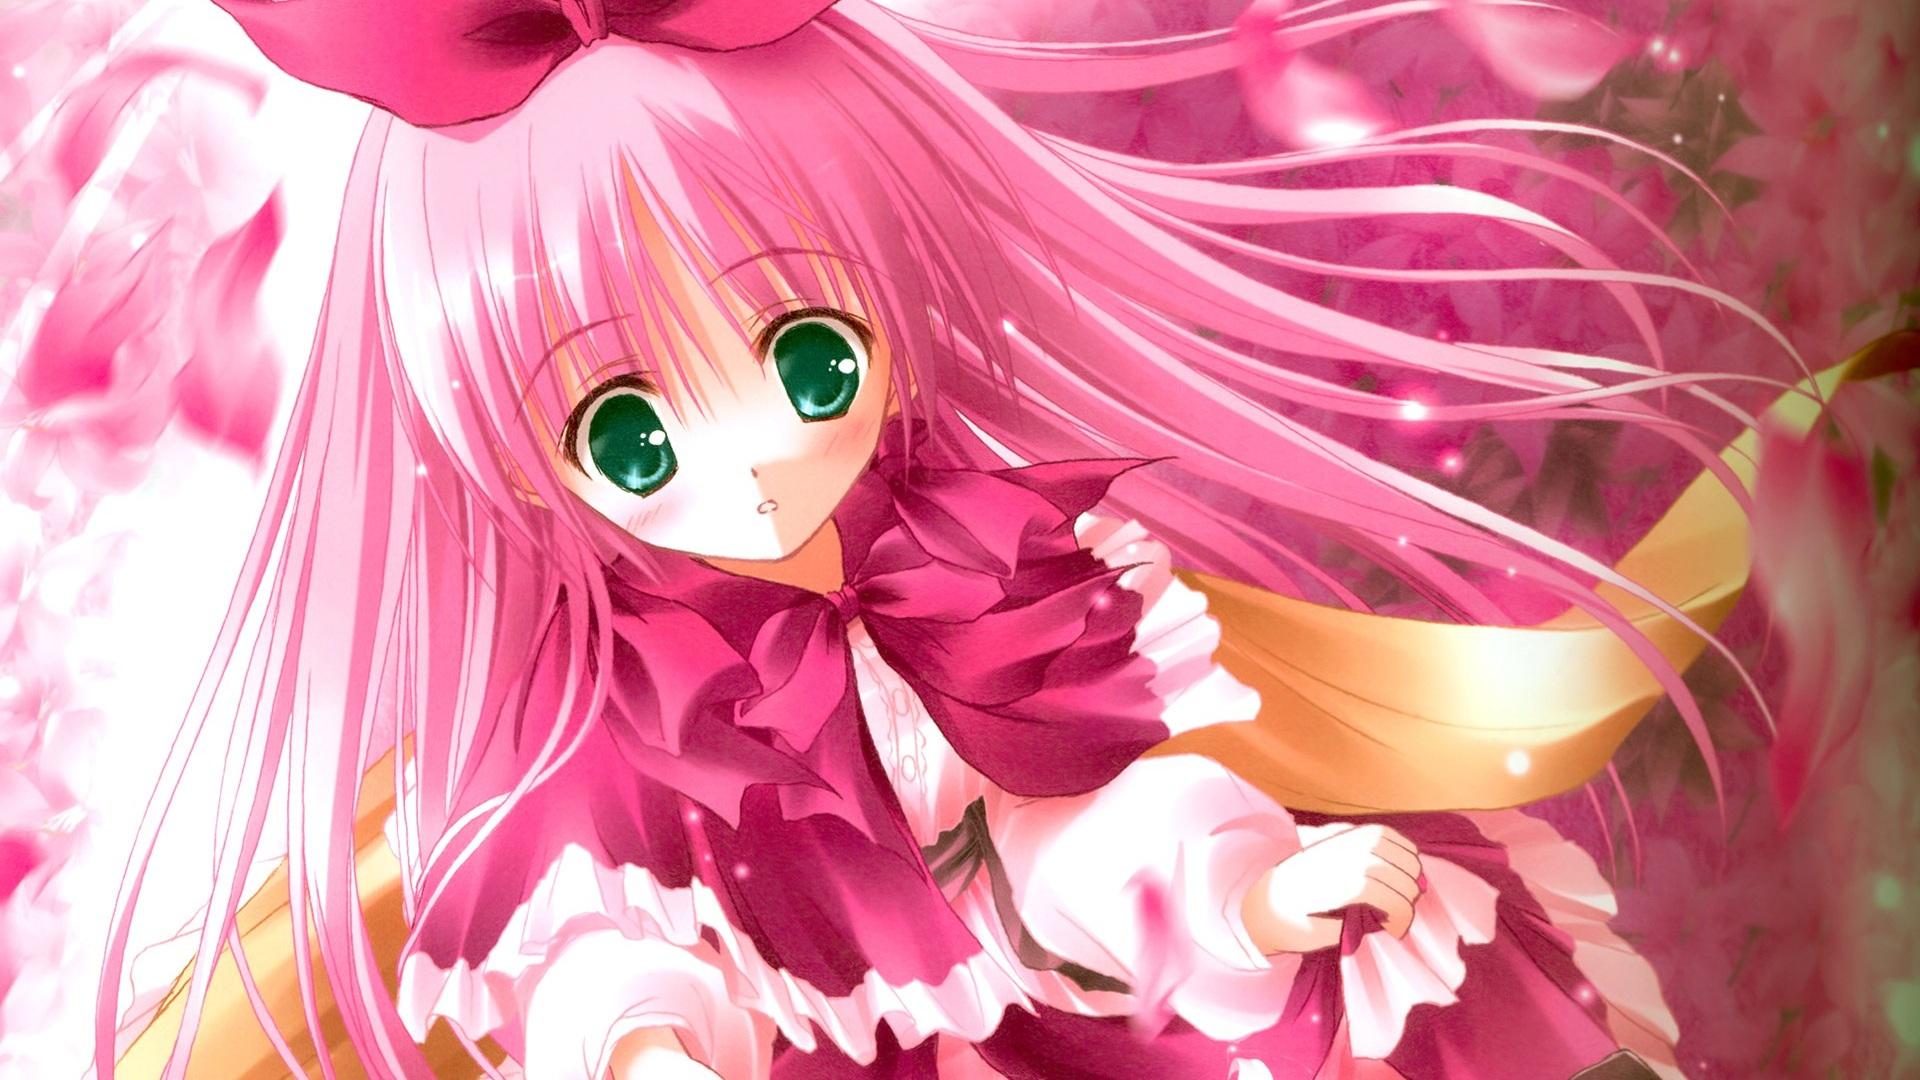 Hd wallpaper pink - Lindo Pelo Rosa Anime Girl Fondos De Pantalla 1920x1080